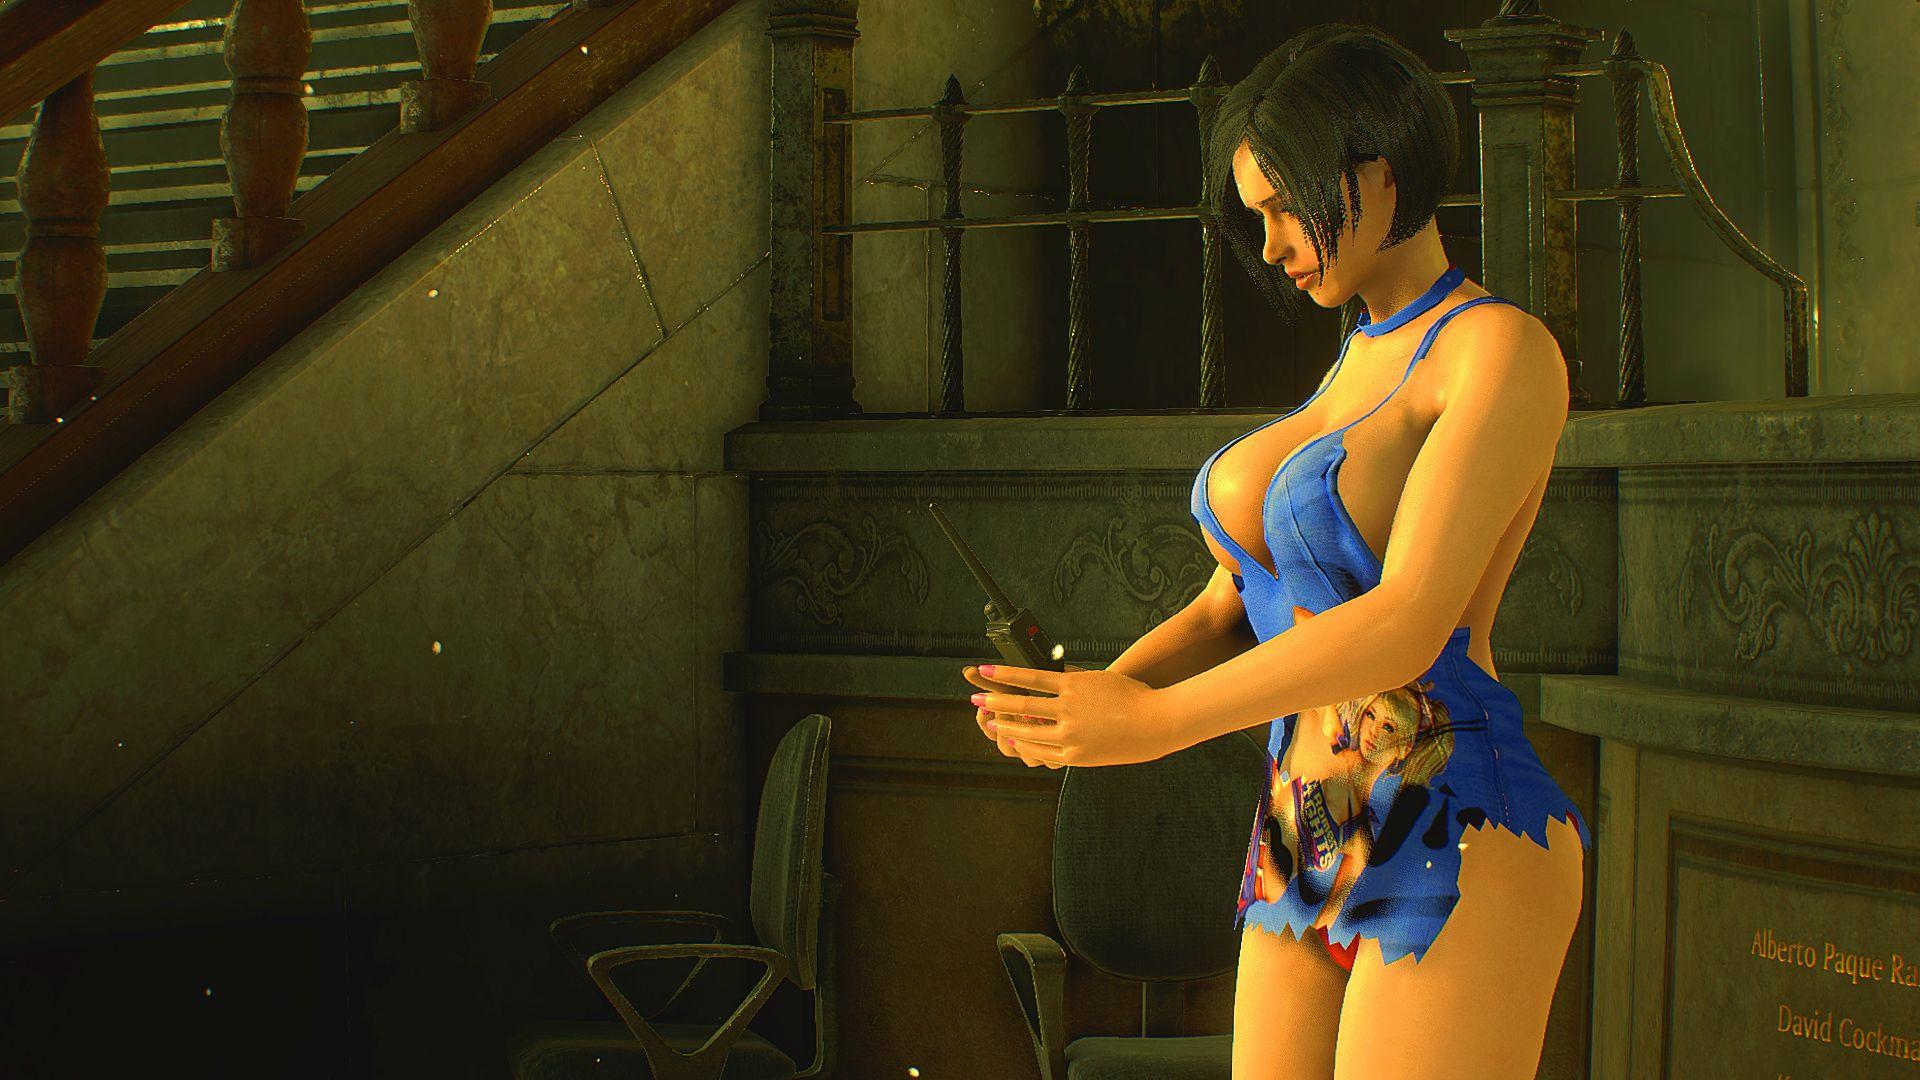 001301.Jpg - Resident Evil 2